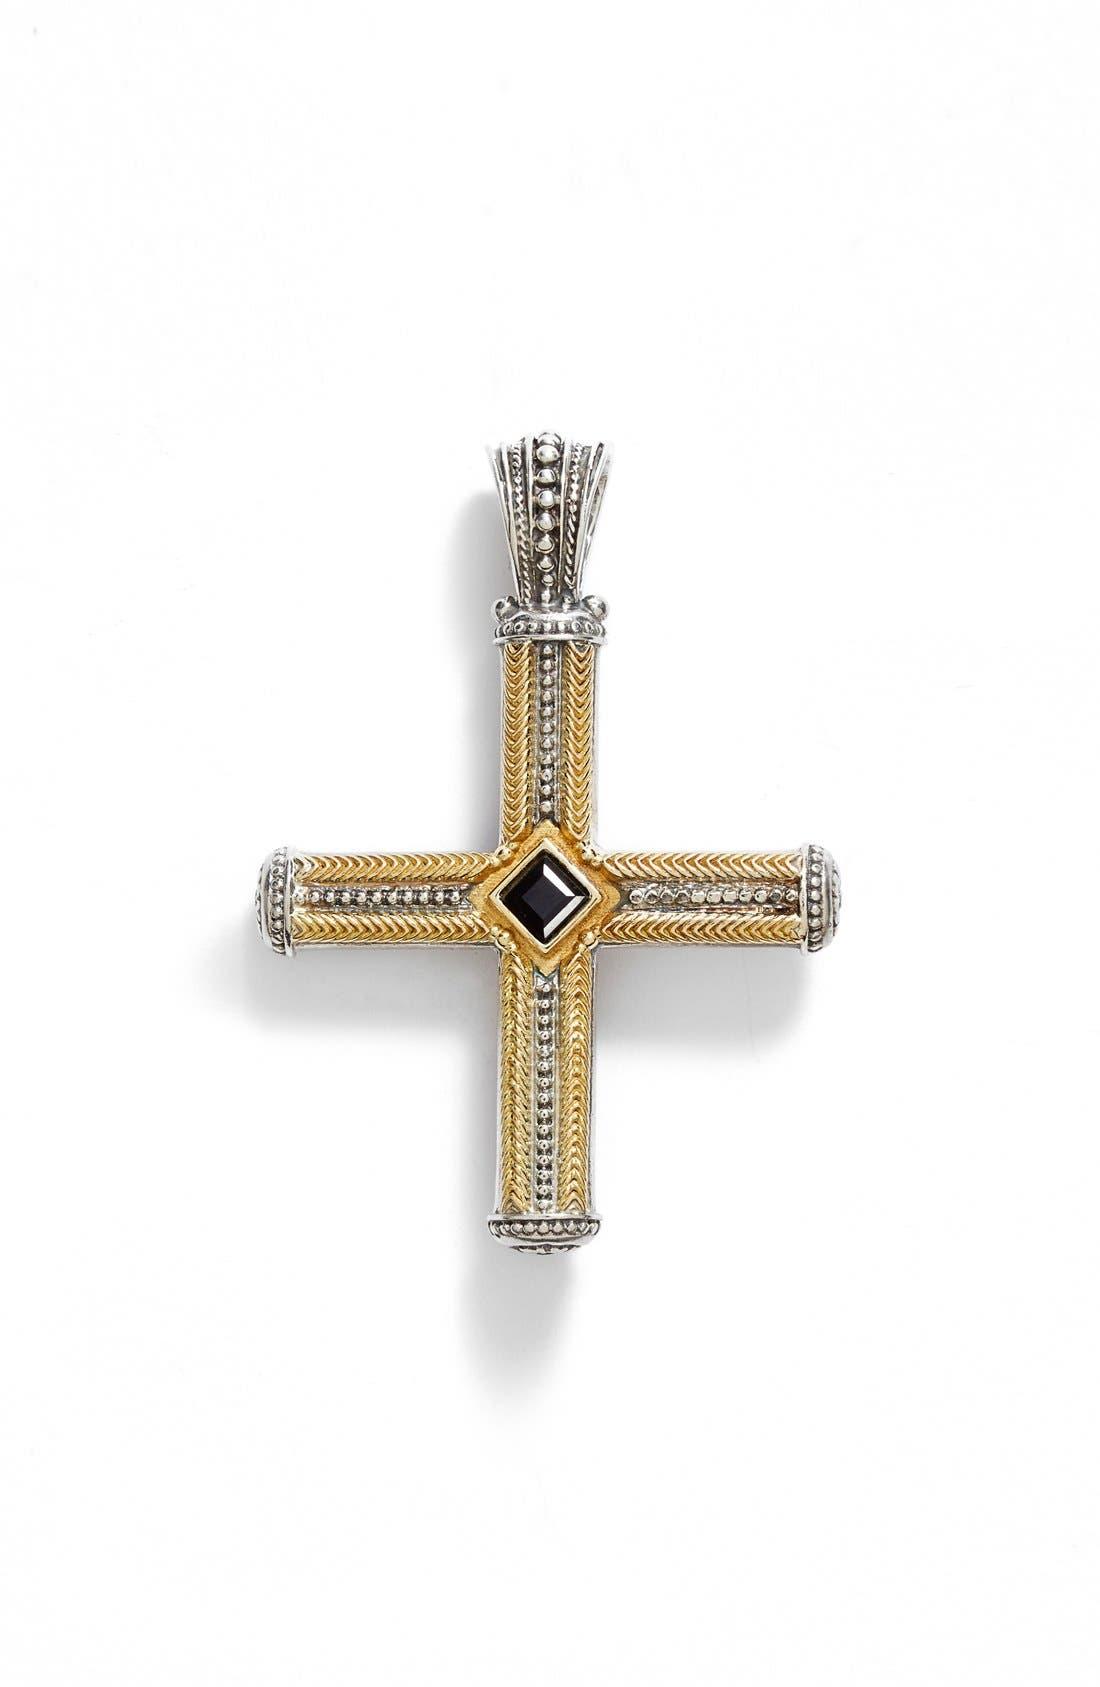 Main Image - Konstantino 'Orpheus' Semiprecious Stone Cross Pendant